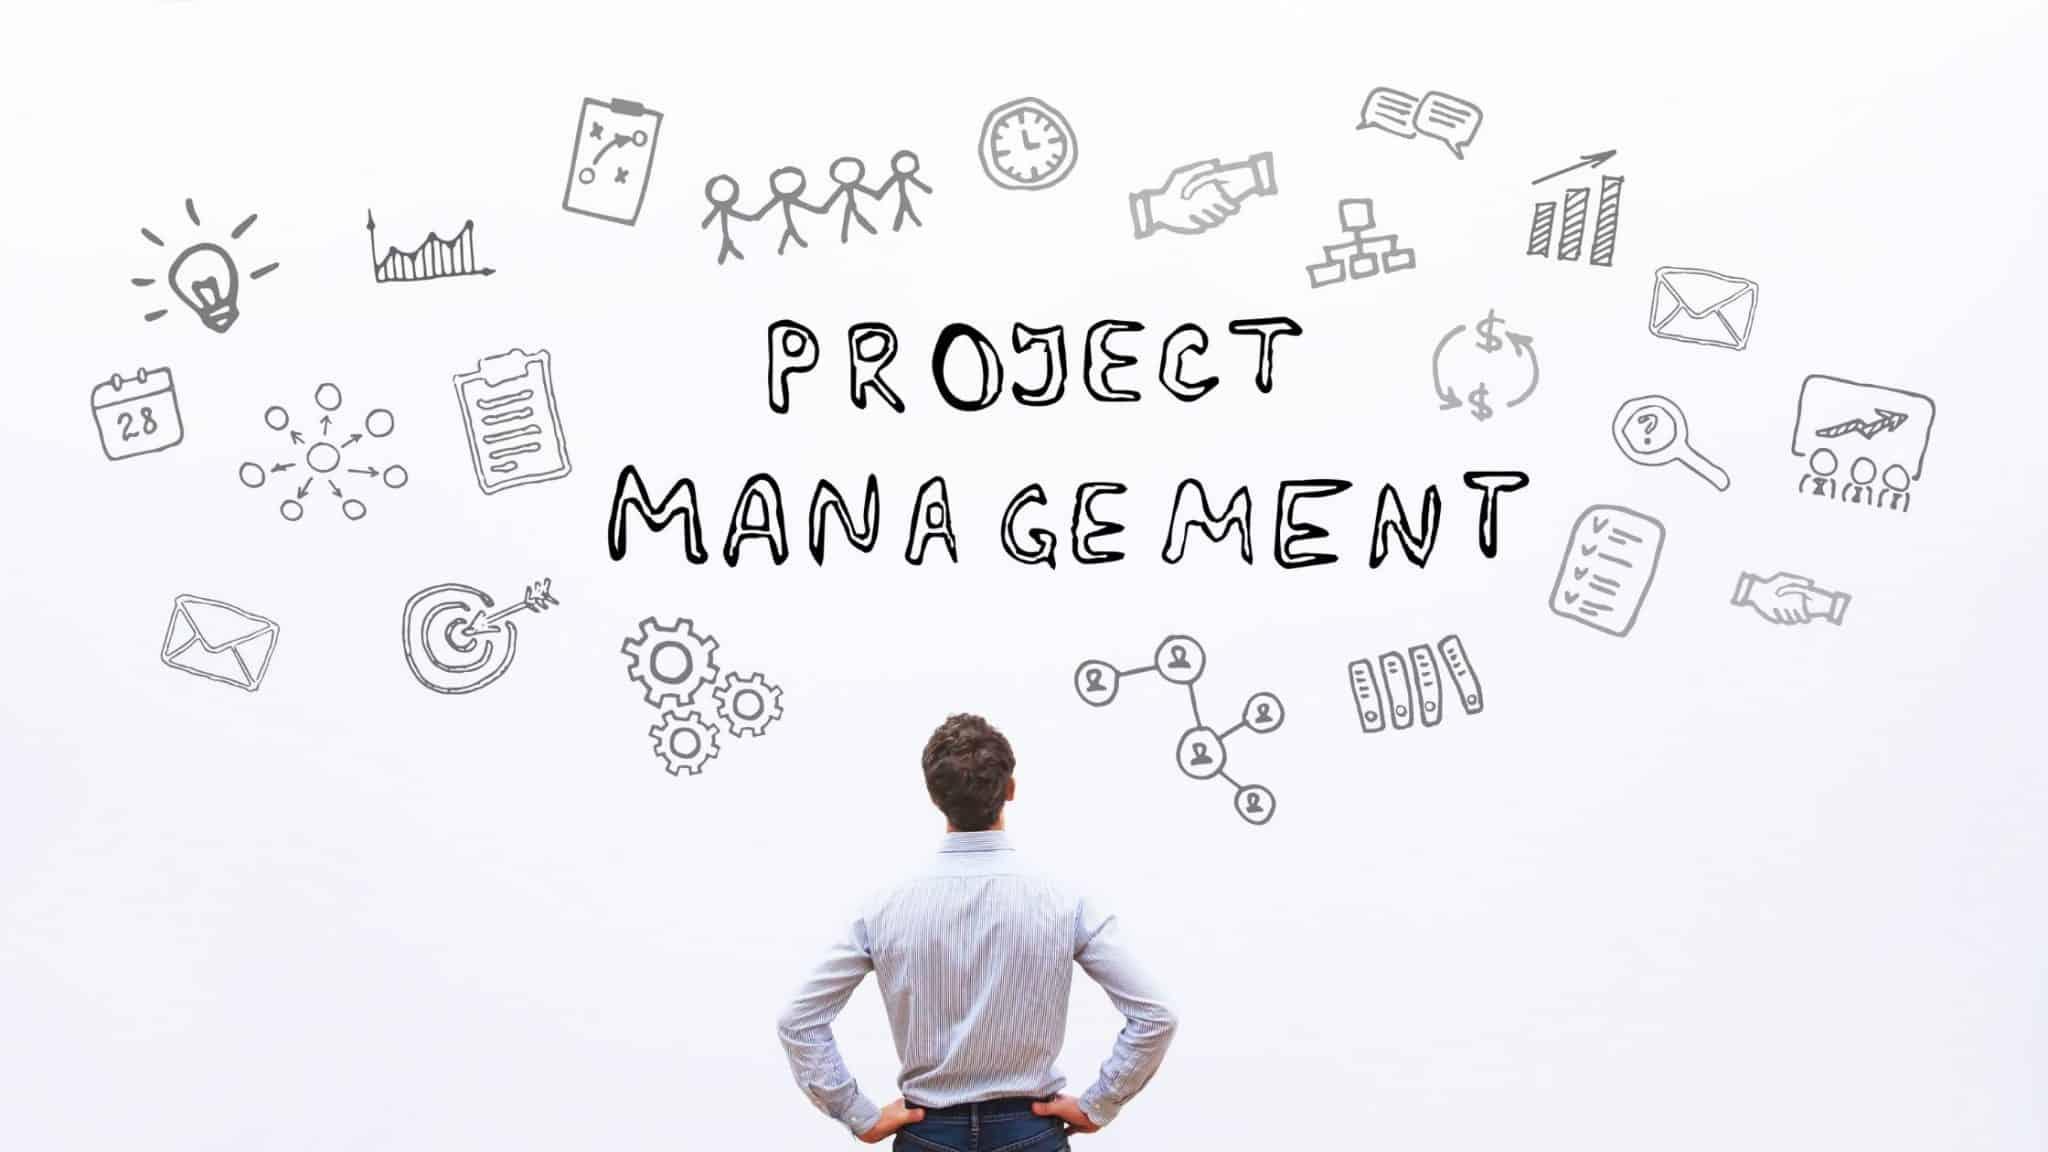 fare il project manager in un mondo sempre più digitale